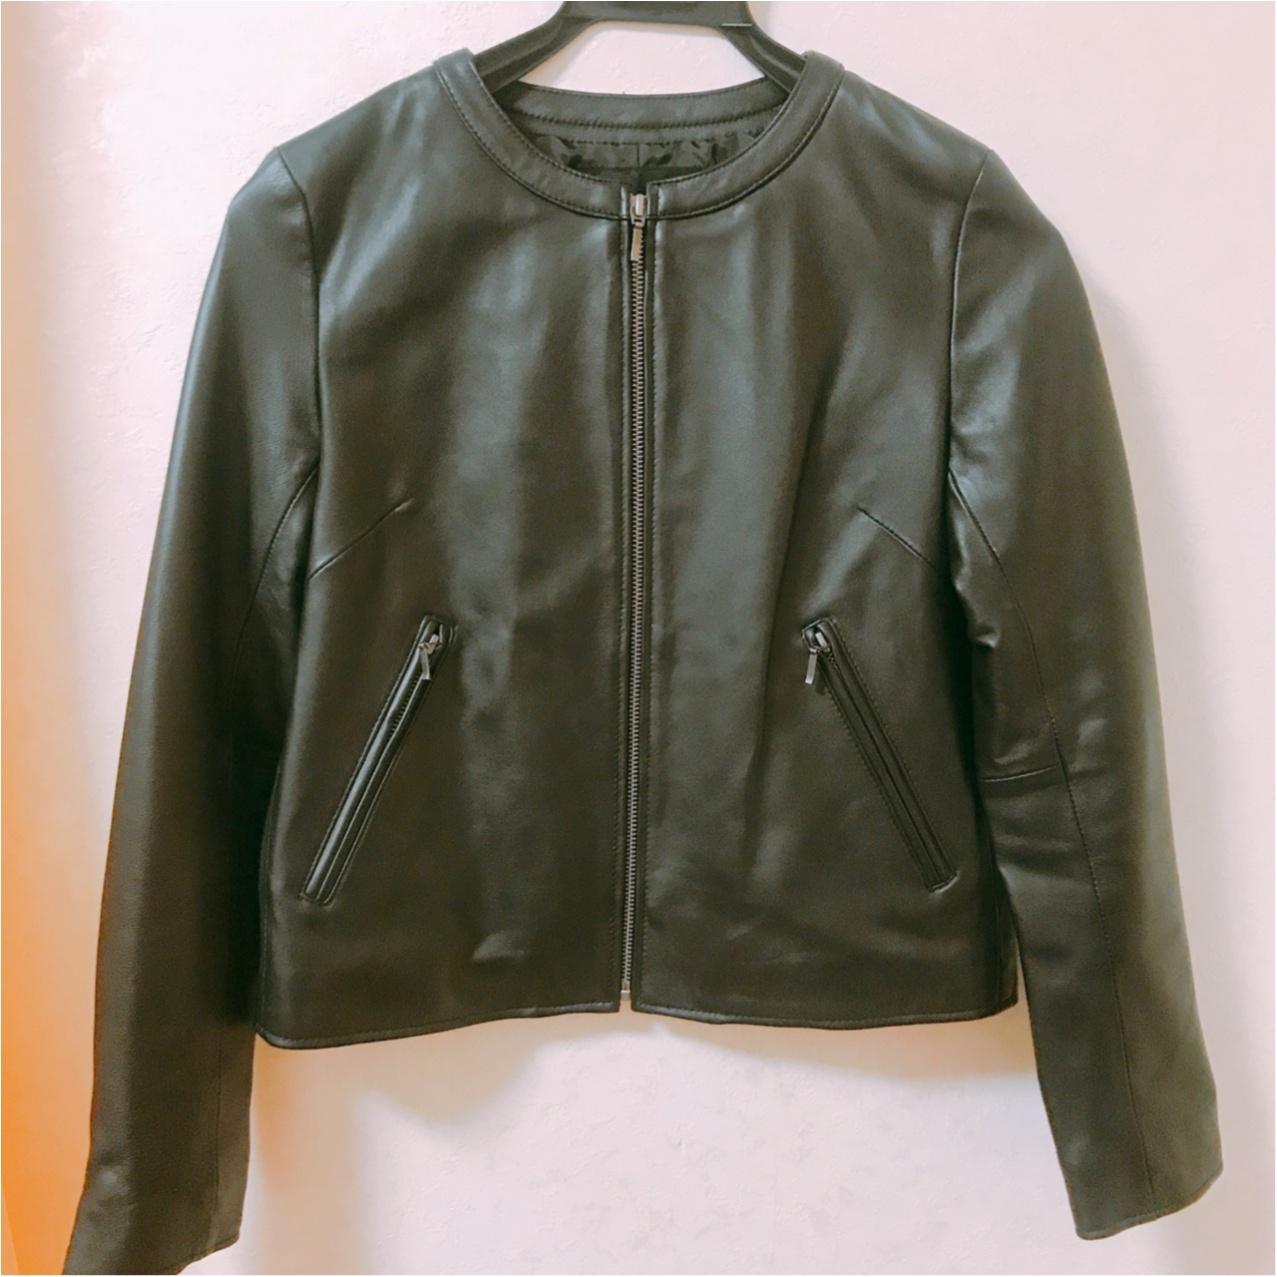 【アラサーのお買い物事情】長く使える良いものを♡大人可愛く着られるリアルレザージャケットって?_1